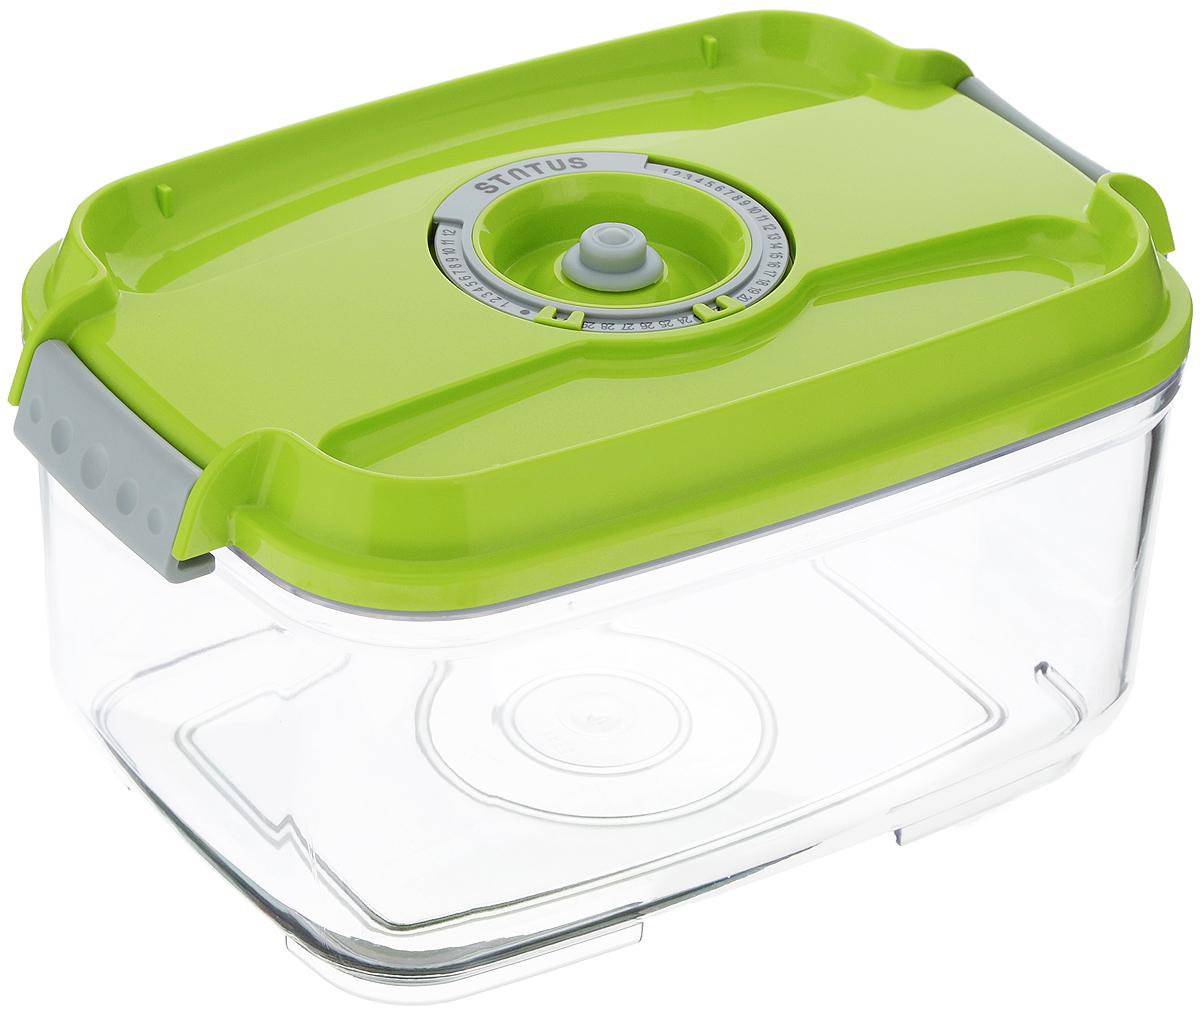 """Вакуумный контейнер """"Status"""" выполнен из  хрустально-прозрачного прочного тритана.  Благодаря вакууму, продукты не подвергаются  внешнему воздействию, и срок хранения  значительно увеличивается, сохраняют свои  вкусовые качества и аромат, а  запахи в холодильнике не перемешиваются.  Допускается замораживание до -21°C, мойка  контейнера в посудомоечной машине, разогрев в  СВЧ (без крышки).  Рекомендовано хранение следующих продуктов:  макаронные изделия, крупа, мука, кофе в зёрнах,  сухофрукты, супы, соусы.  Контейнер имеет индикатор даты, который  позволяет отмечать дату конца срока годности  продуктов. Размер контейнера (с учетом крышки): 22,5 х 15,5 х 11,5 см."""